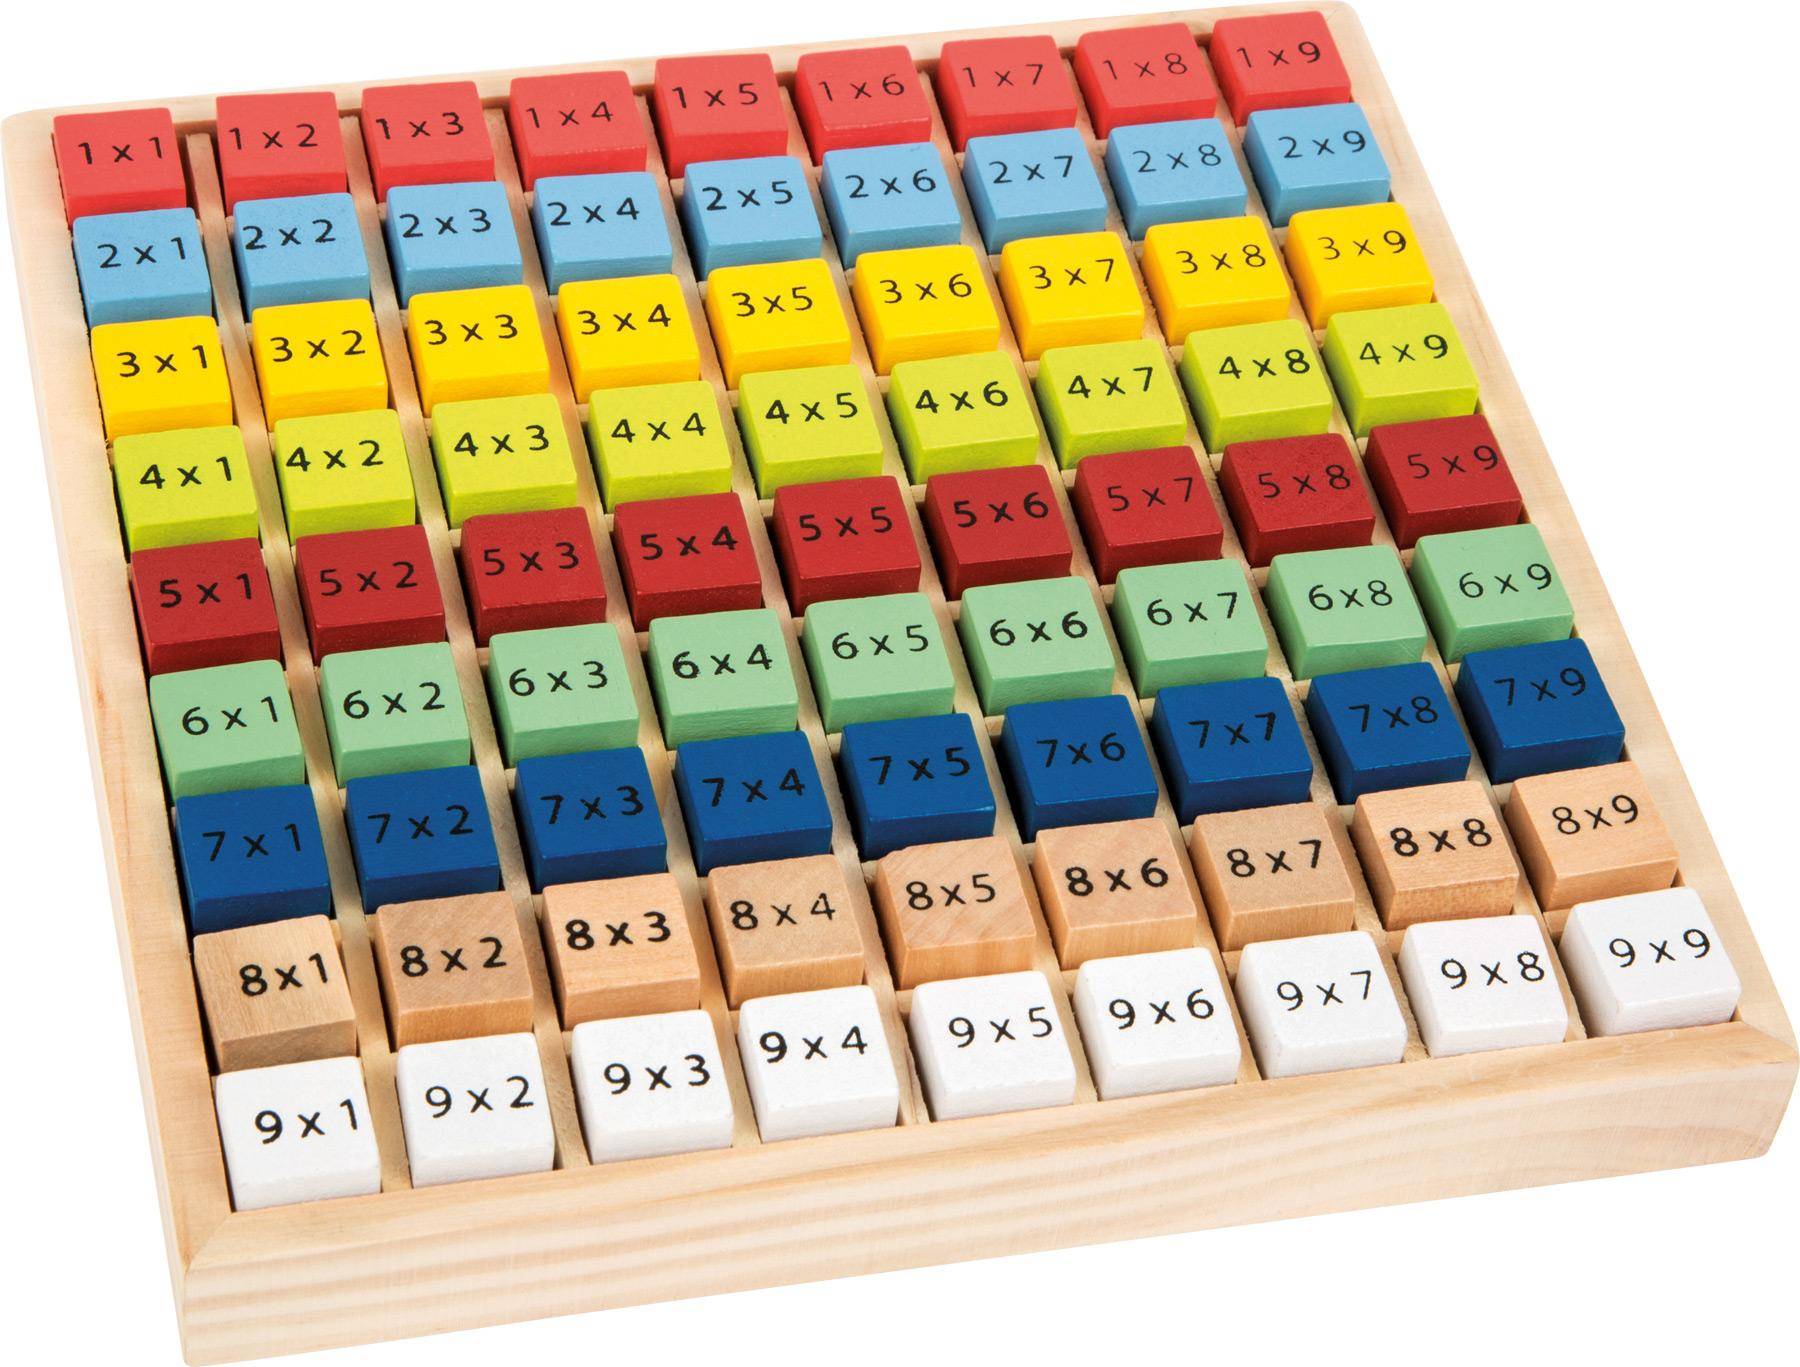 Quadro de Multiplicação